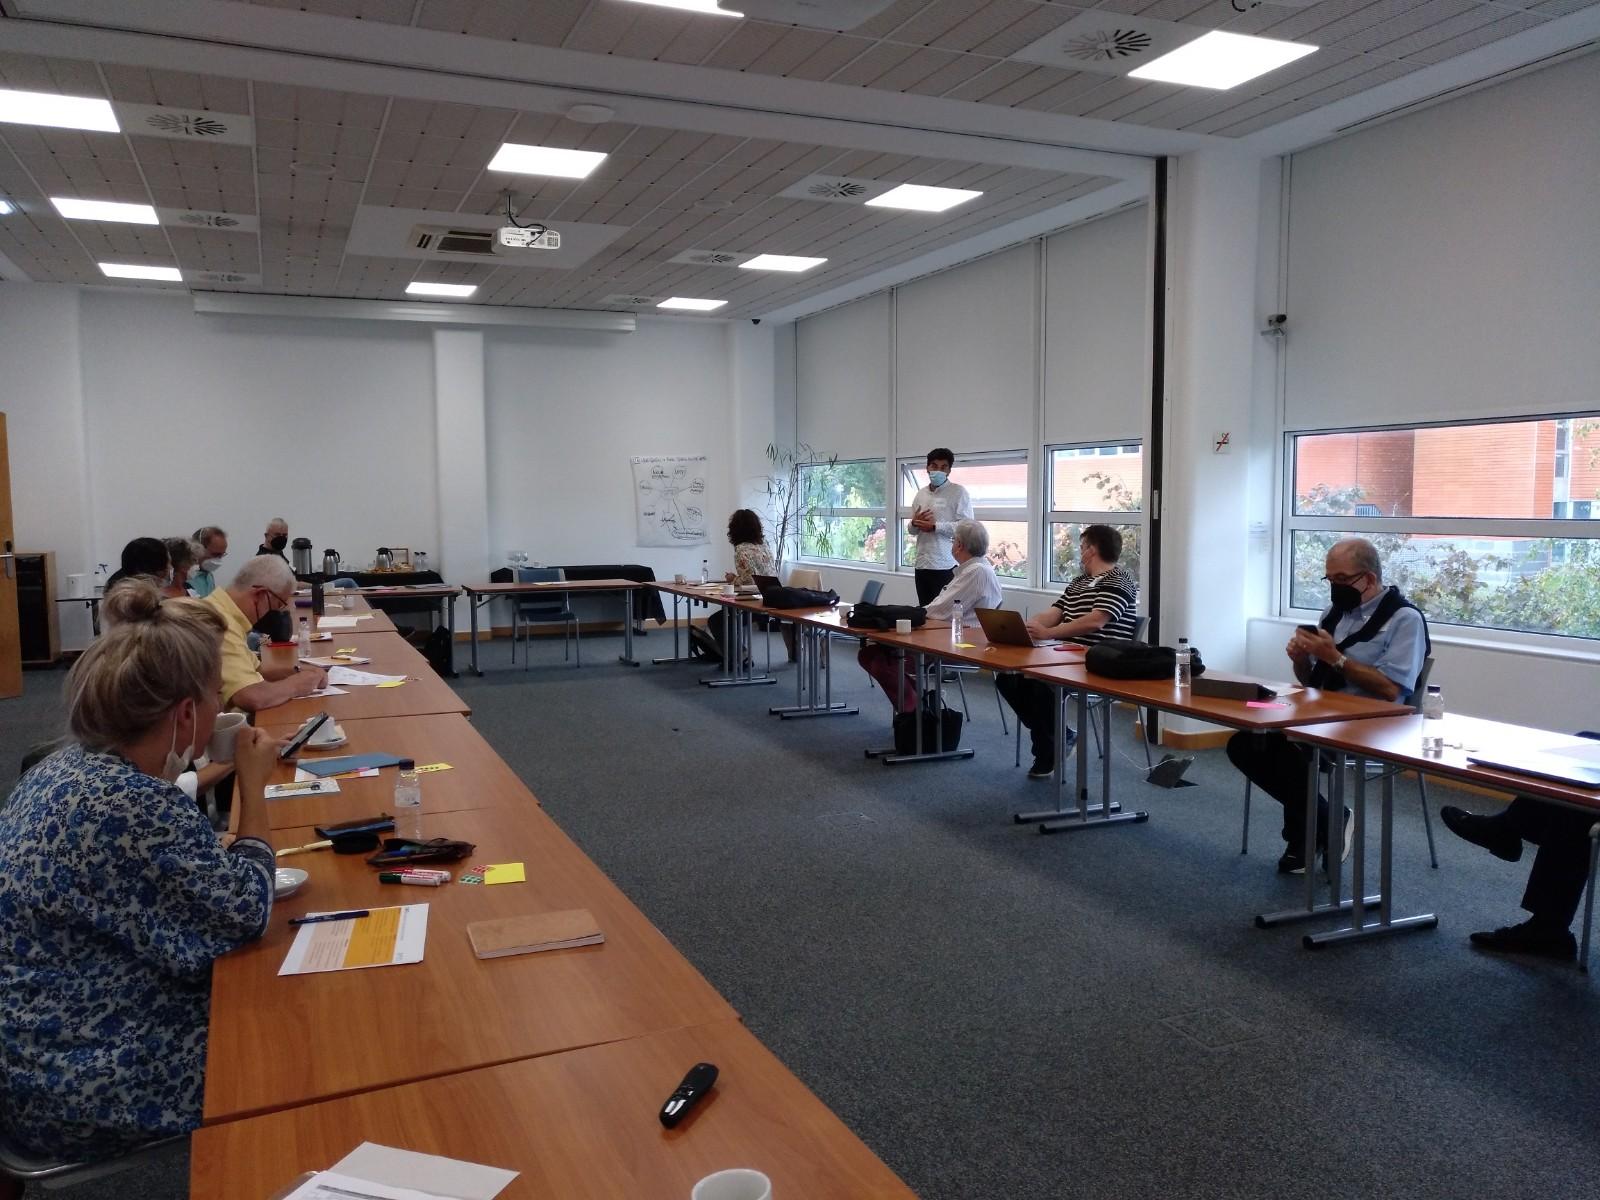 Personas sentadas alrededor de una mesa en la sesión de reflexión estratégica de APTES. Un hombre de pie, hablando hacia el resto.